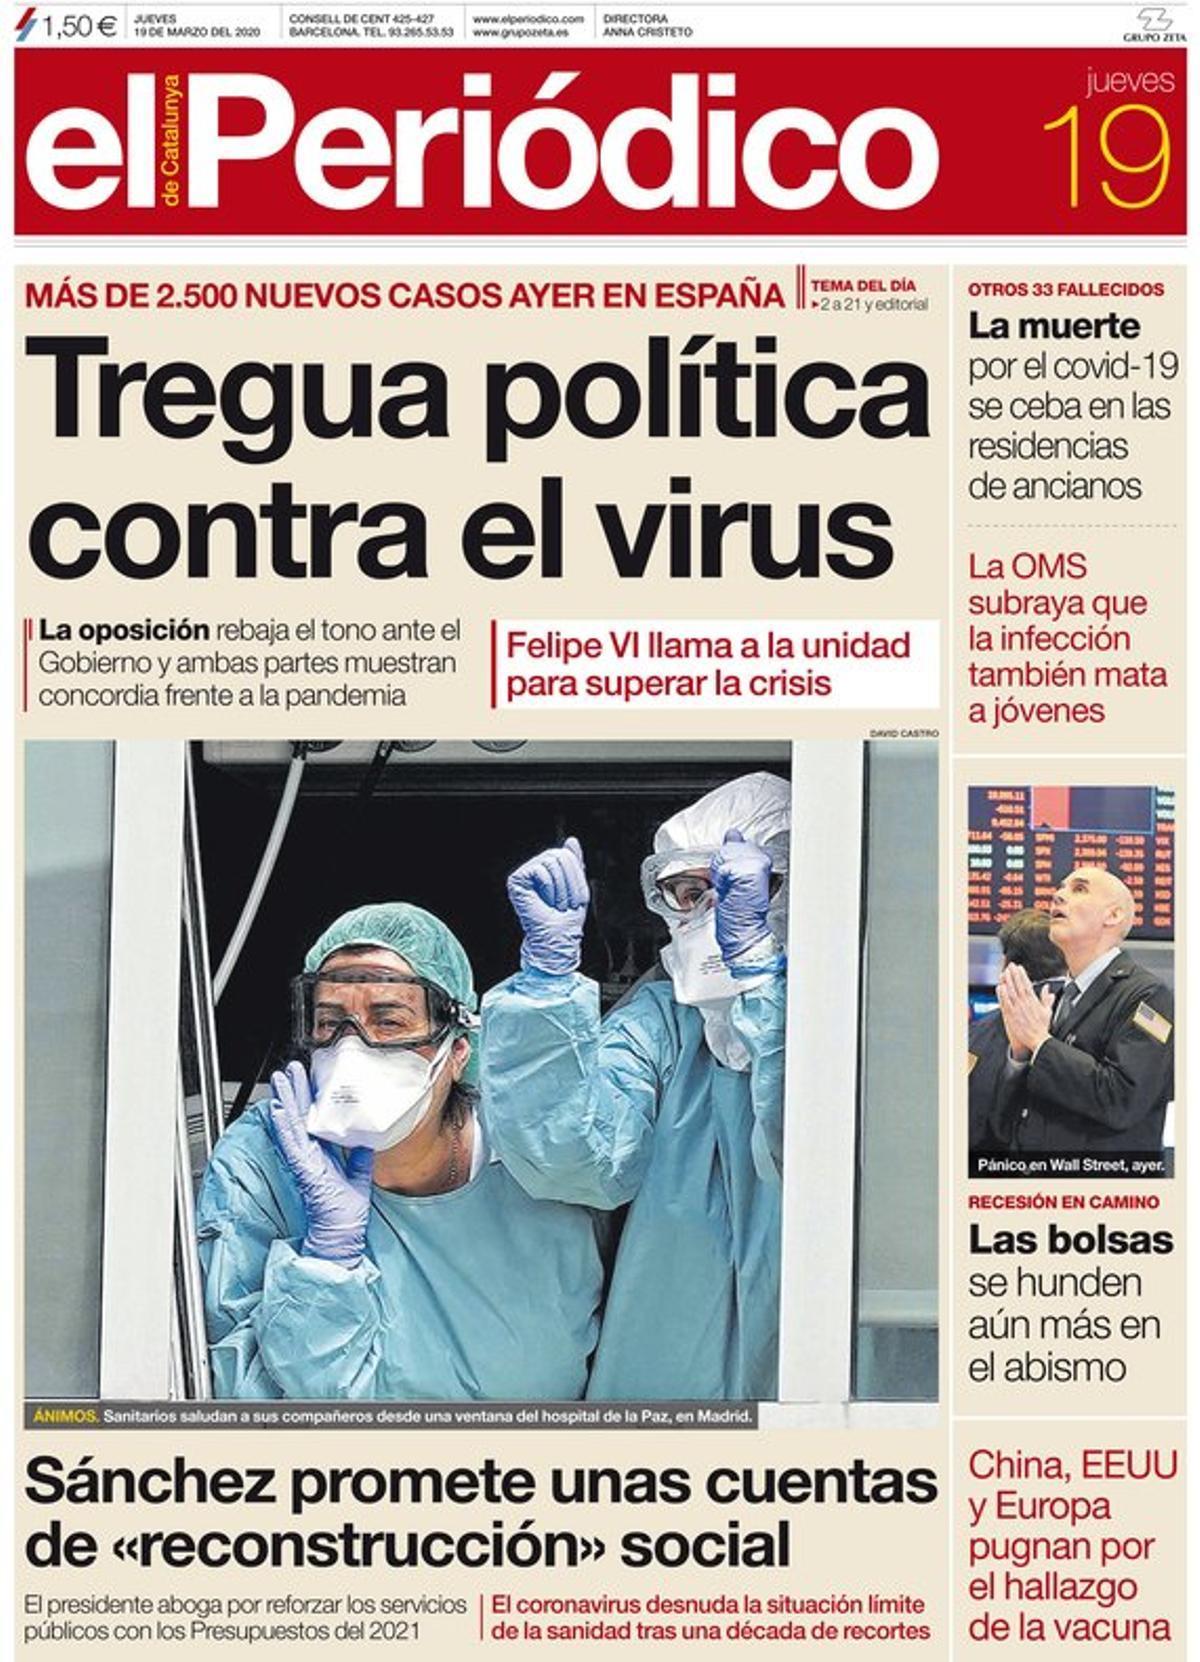 La portada de EL PERIÓDICO del 19 de marzo del 2020.